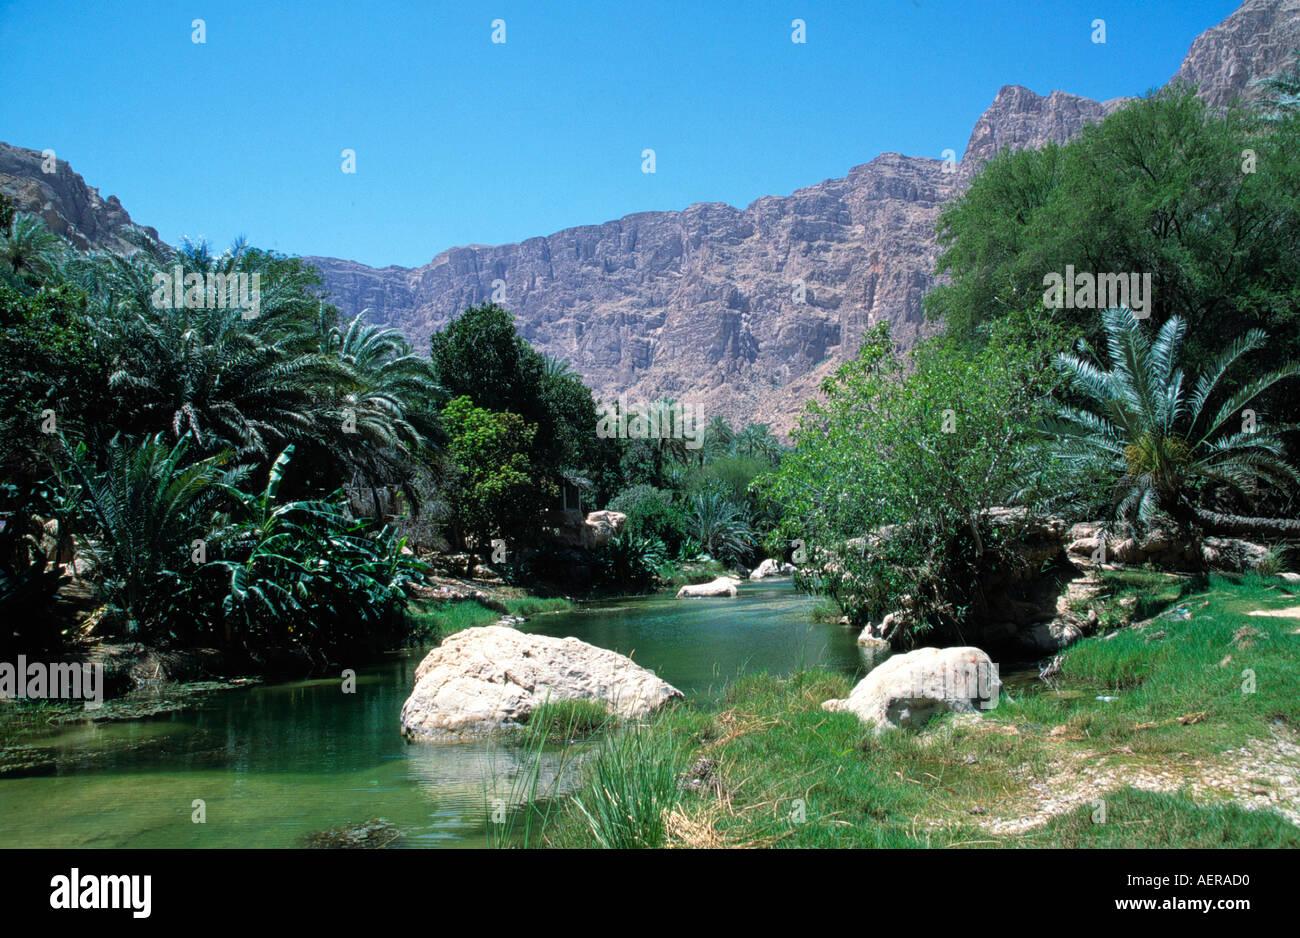 Oasi di Wadi Bani khalid Oman Immagini Stock